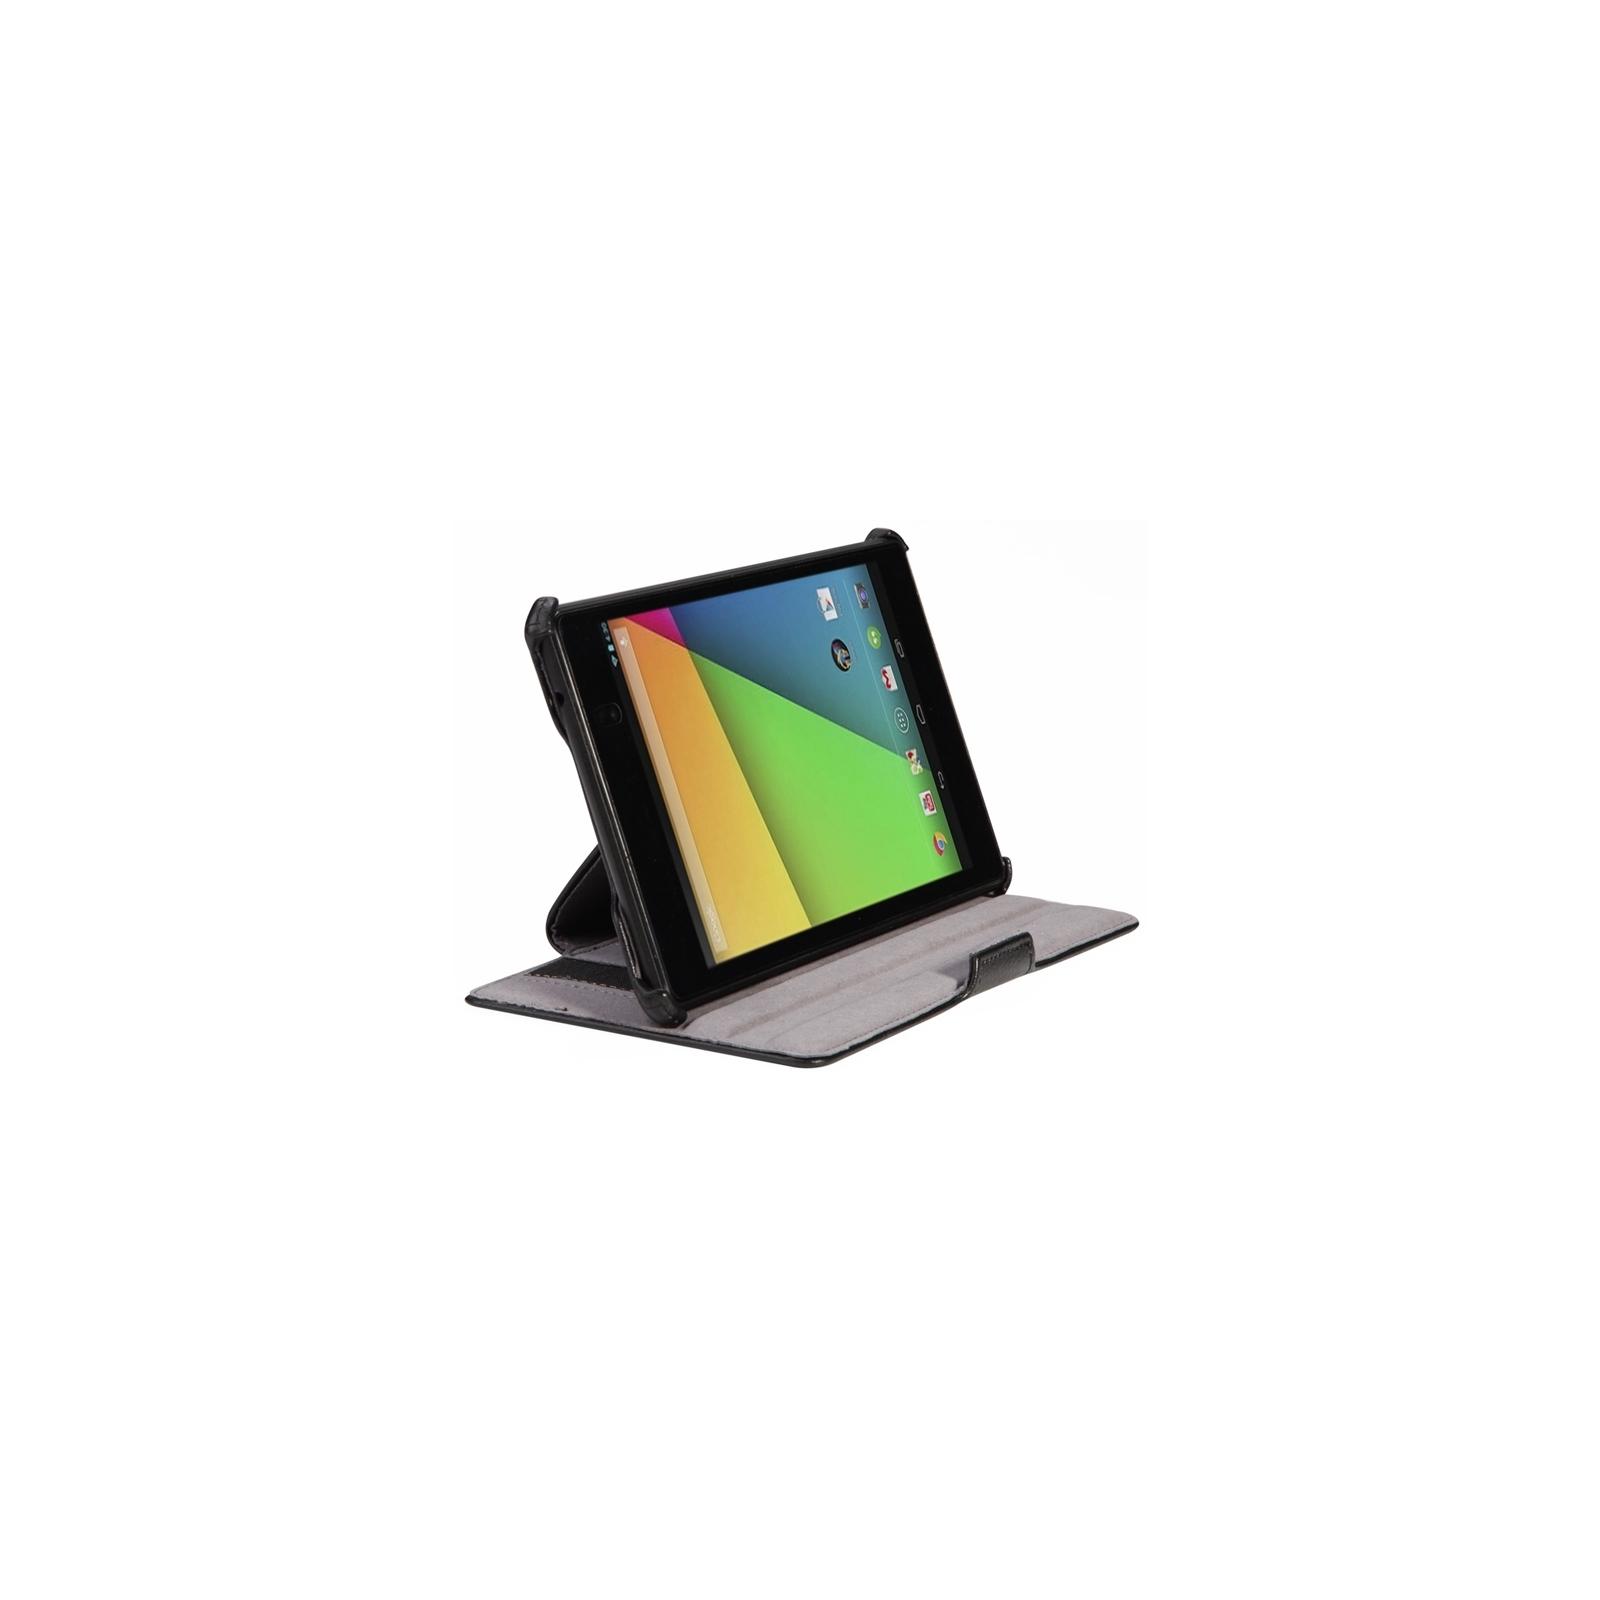 """Чехол для планшета AirOn для Google nexus 7"""" 2013 black (6946795830139) изображение 2"""